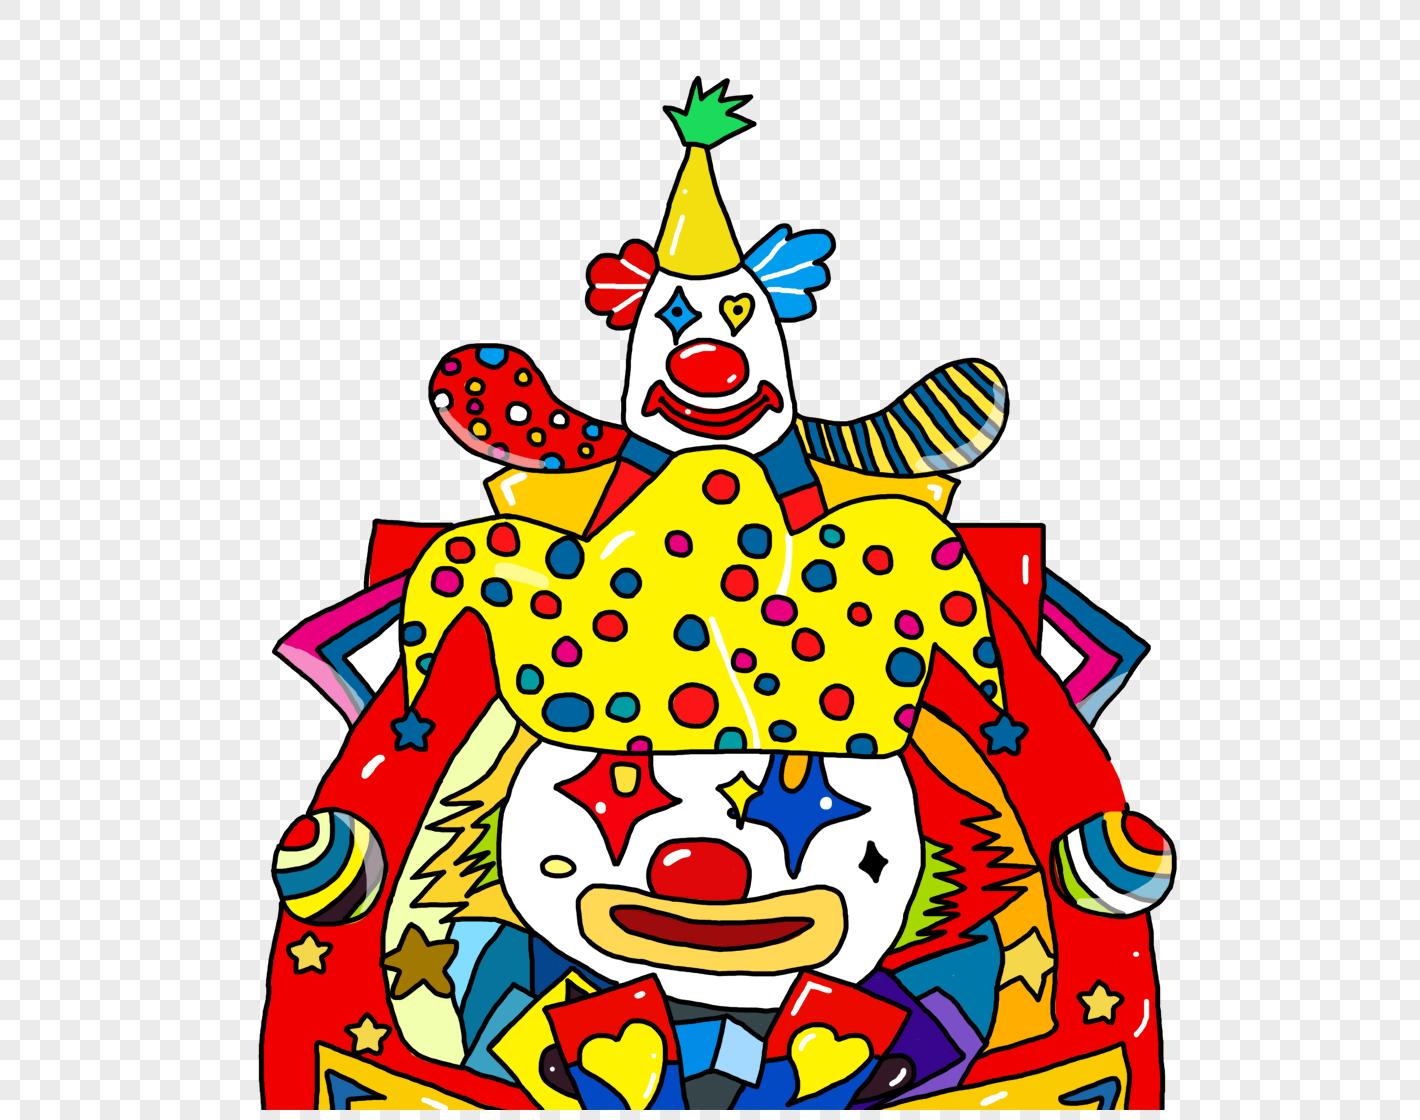 小丑饮料瓶手工制作